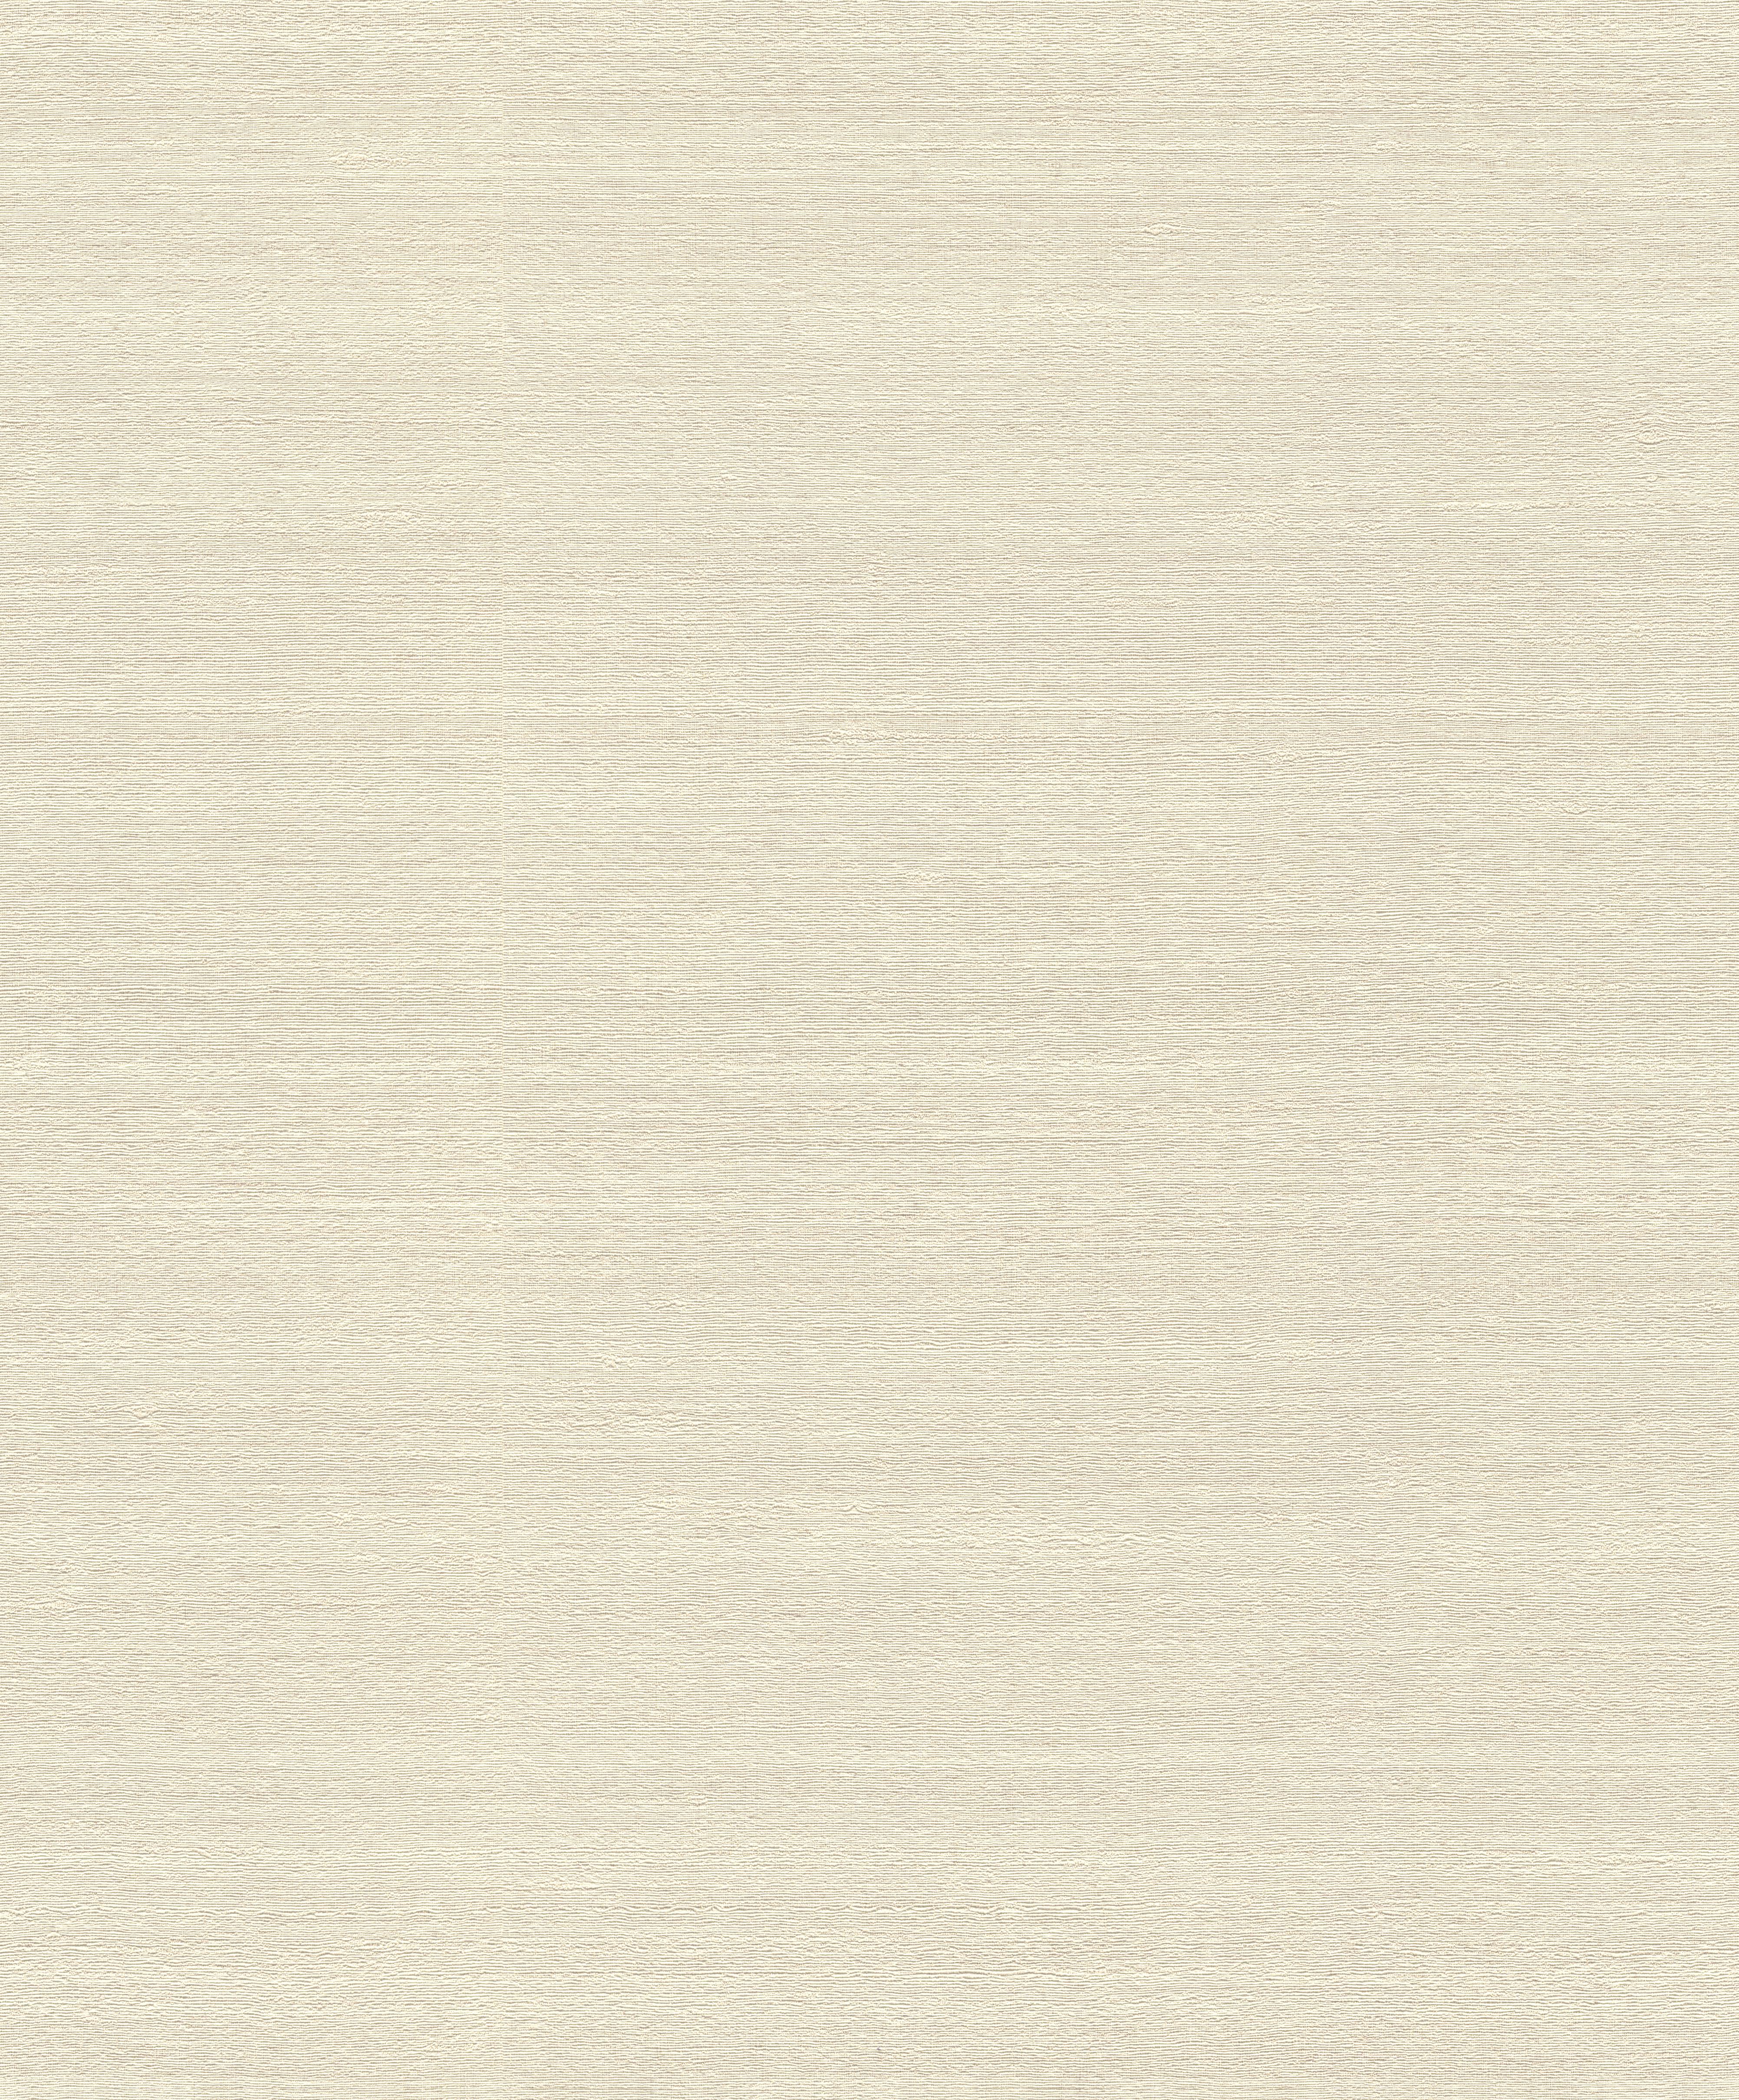 Bézs szövet hatású tapéta